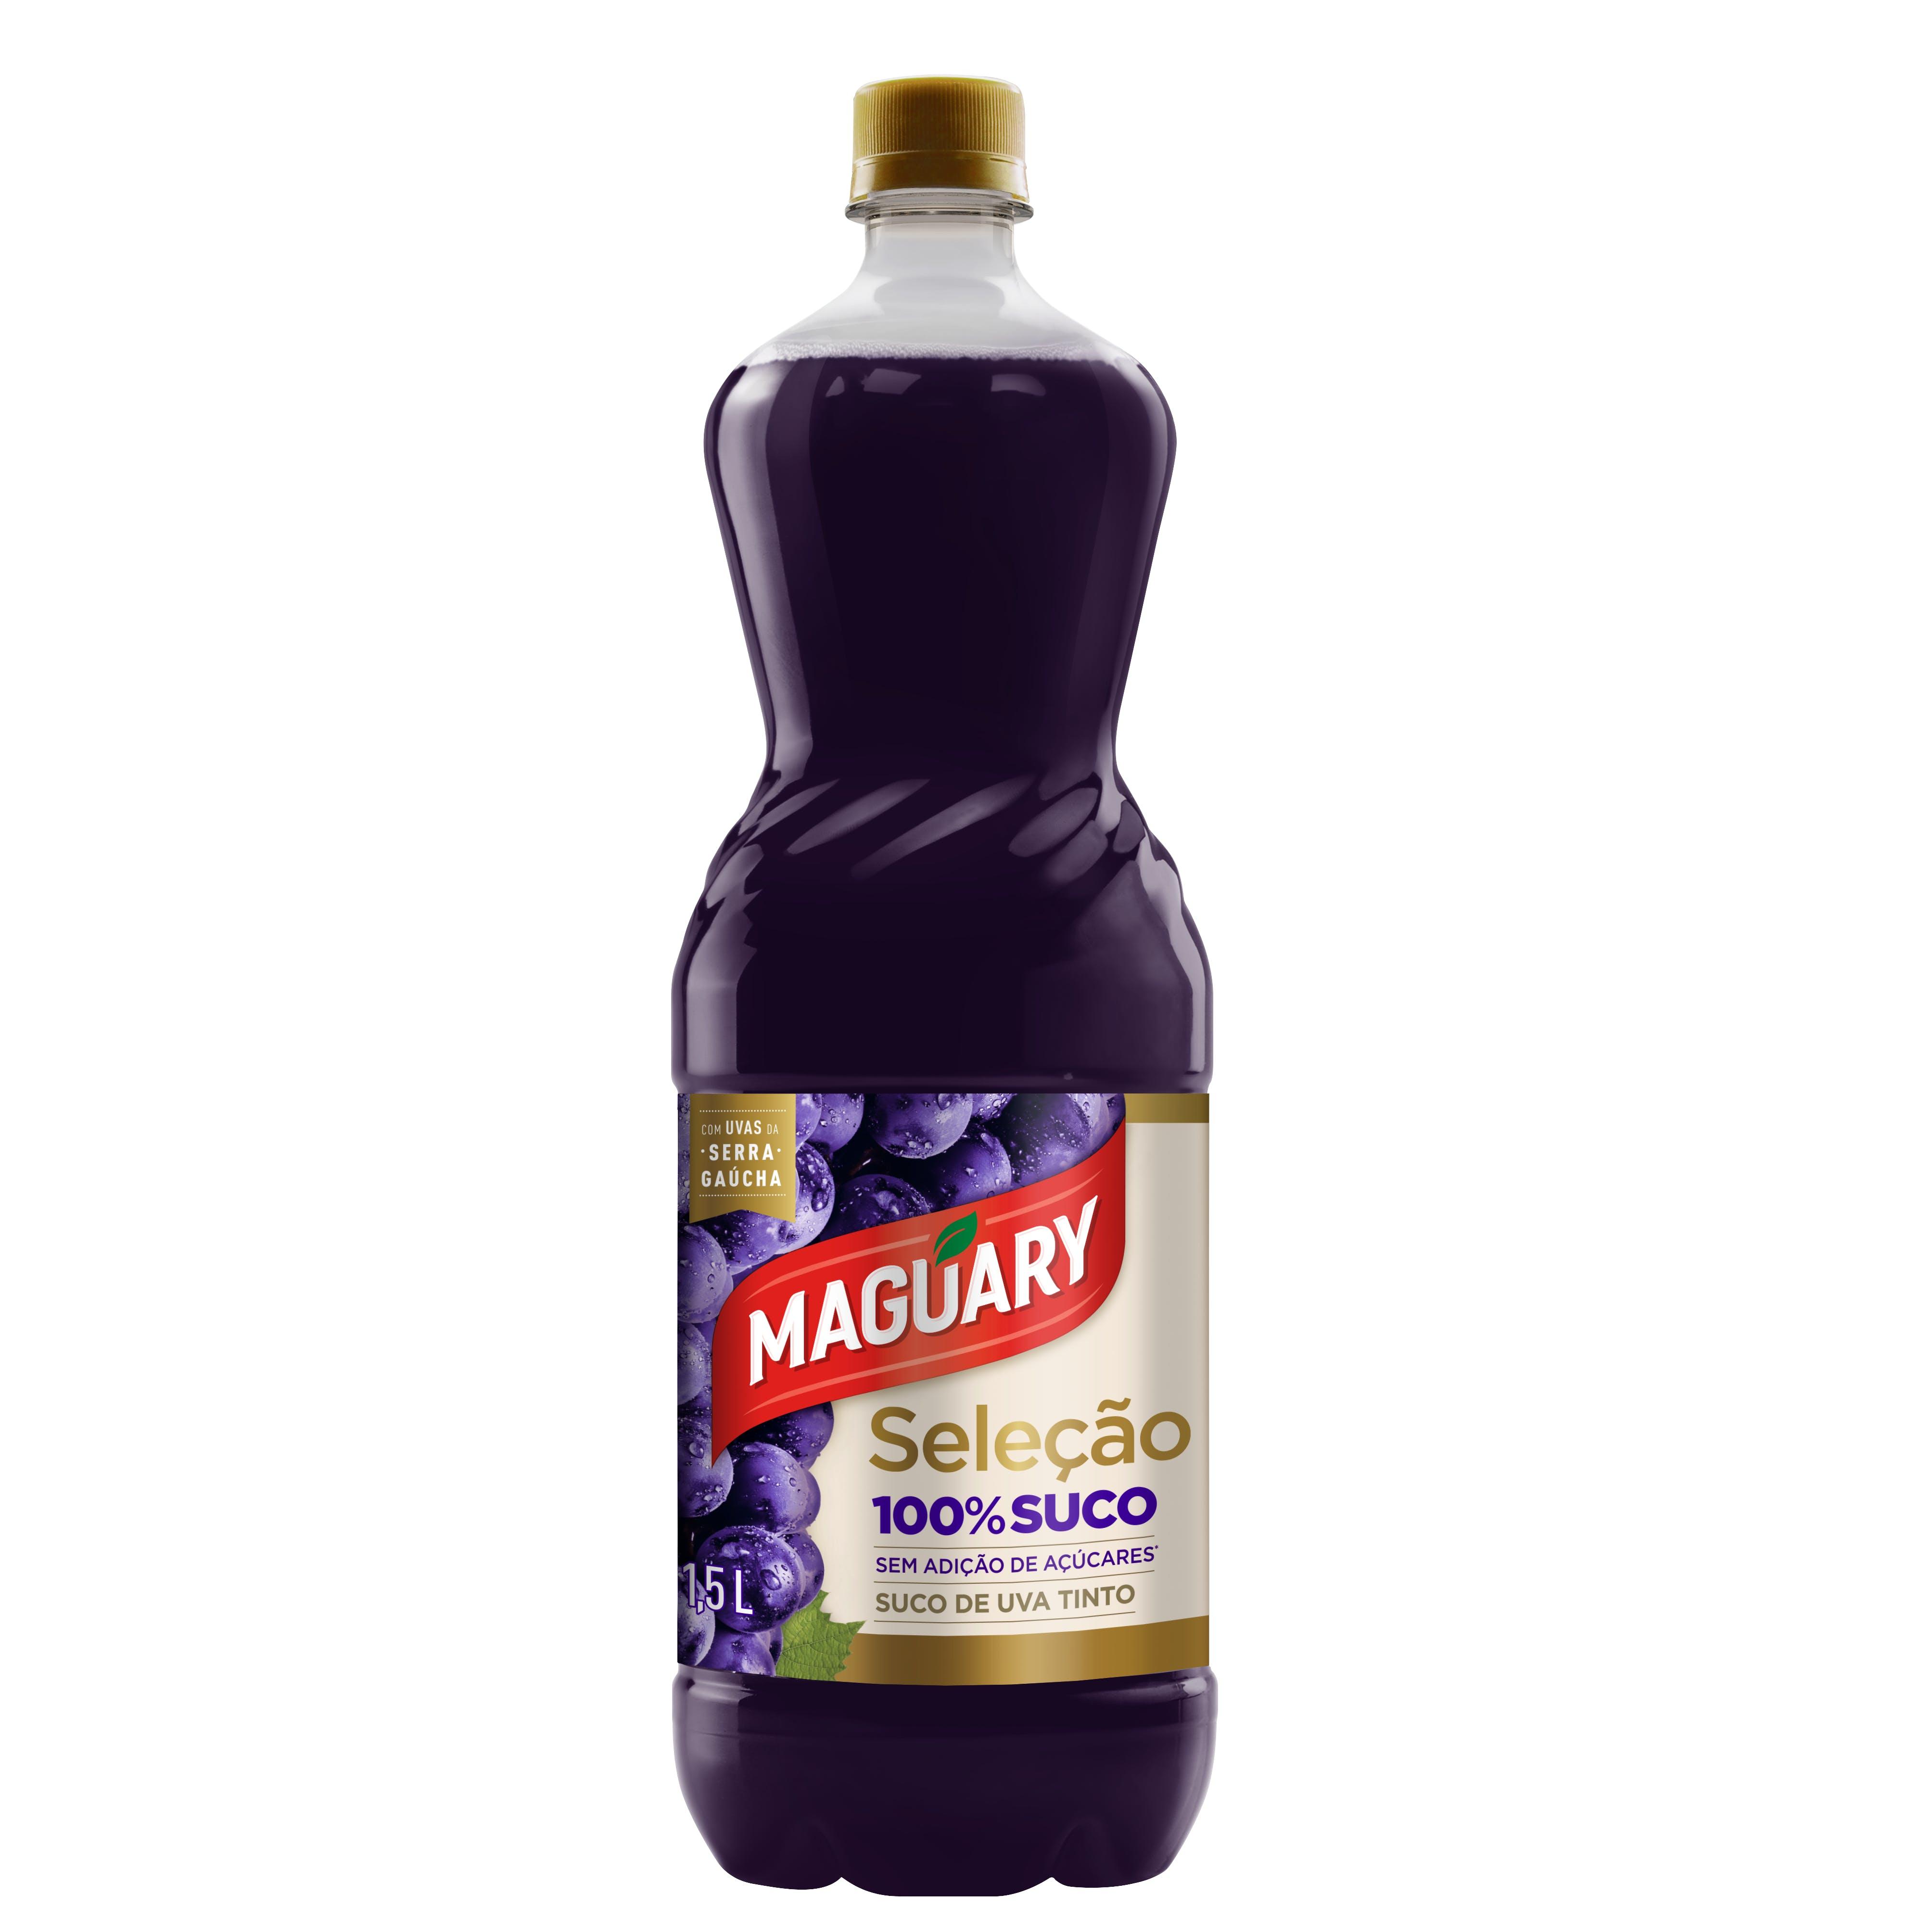 Suco De Uva Tinto Maguary Seleção 1,5L